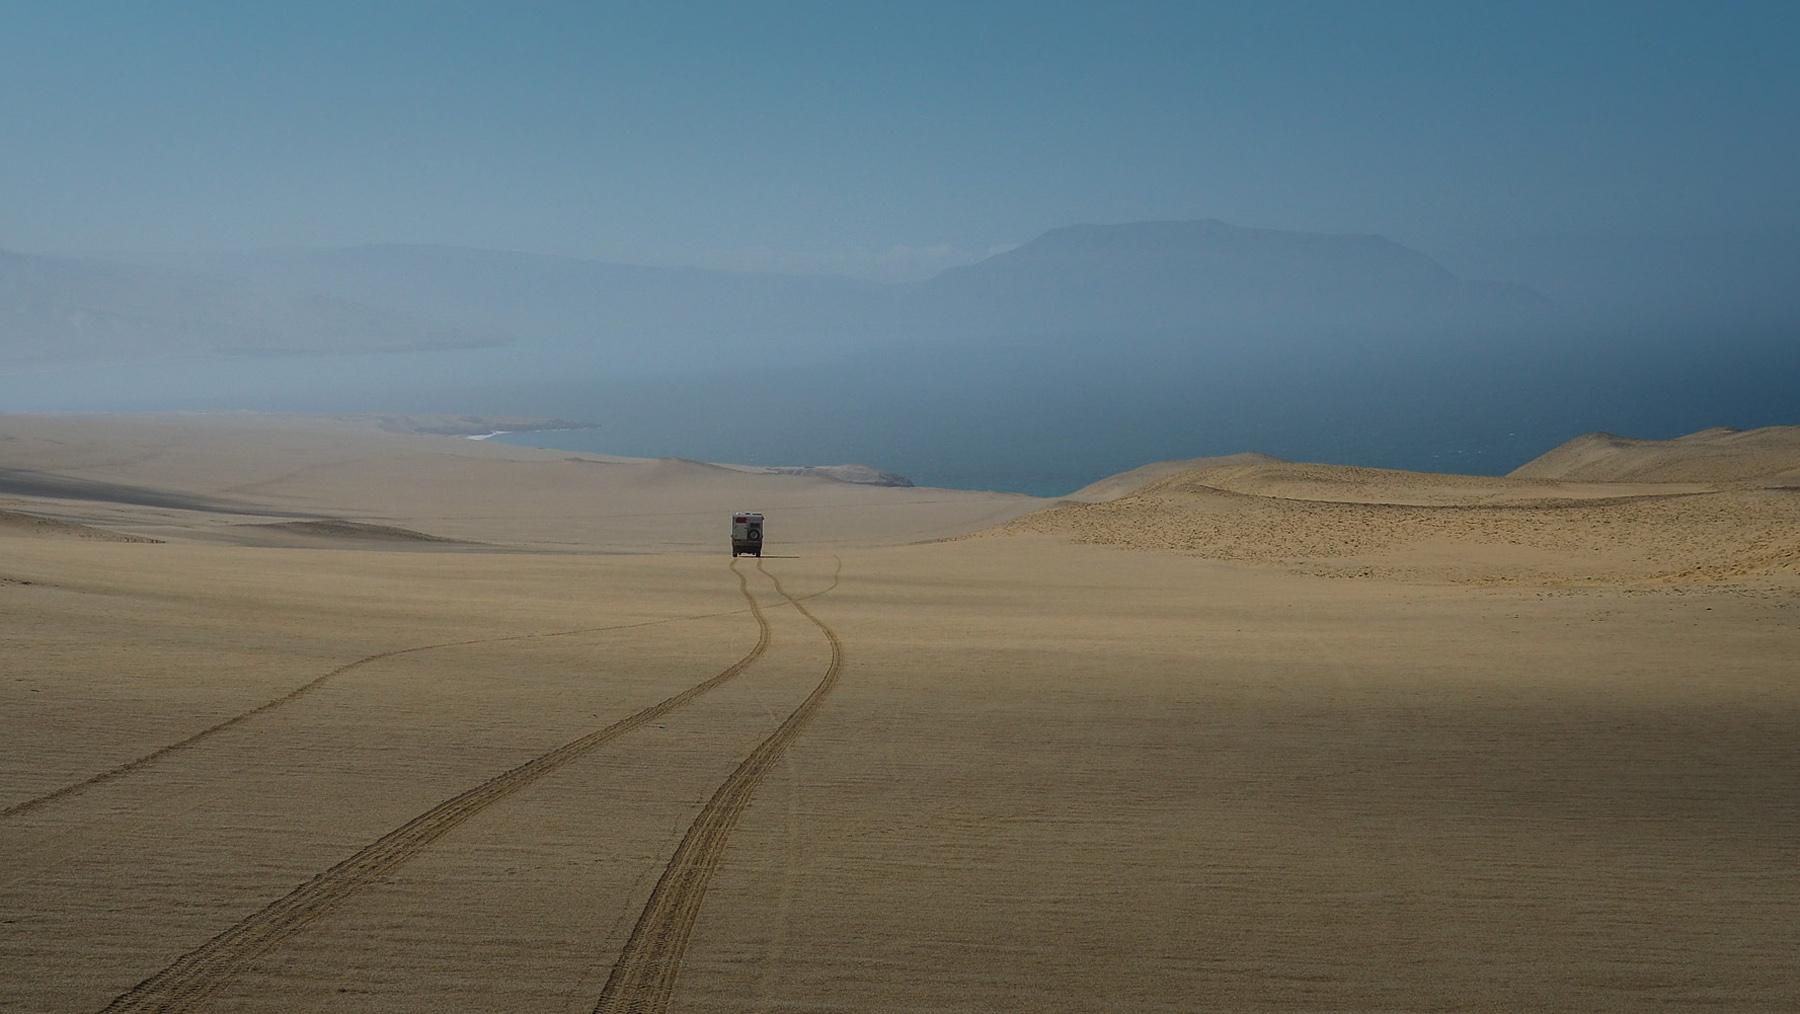 Cool: unsere eigene Spur im Sand